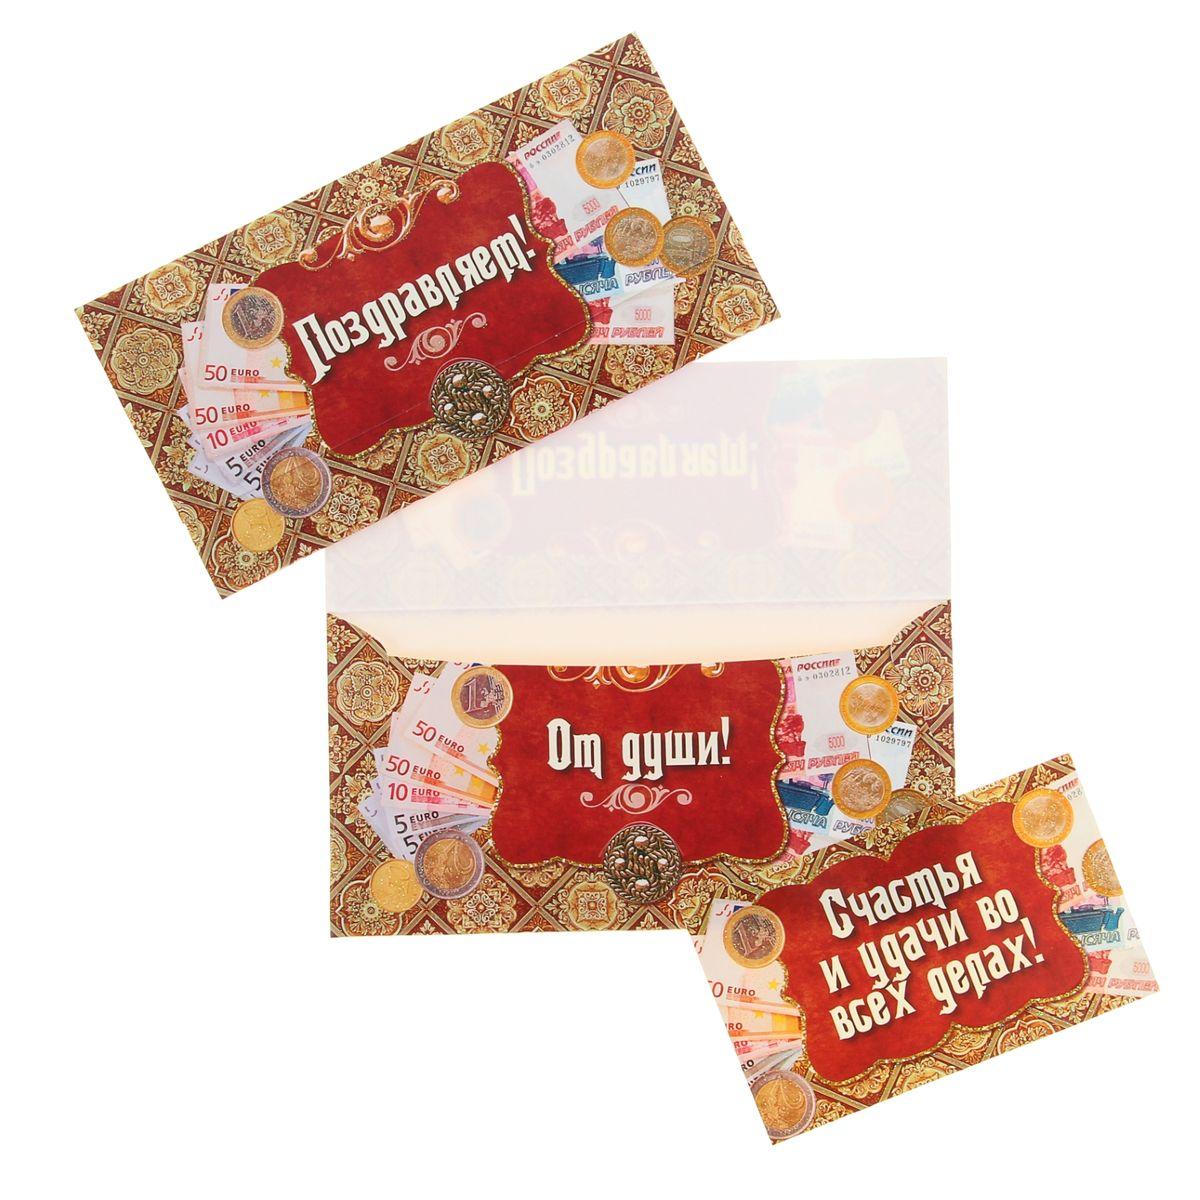 Конверт для денег Поздравляем!. 11180551118055Конверт для денег Поздравляем! выполнен из плотной бумаги и украшен яркой картинкой, с изображением денег. Это необычная красивая одежка для денежного подарка, а так же отличная возможность сделать его более праздничным и создать прекрасное настроение!